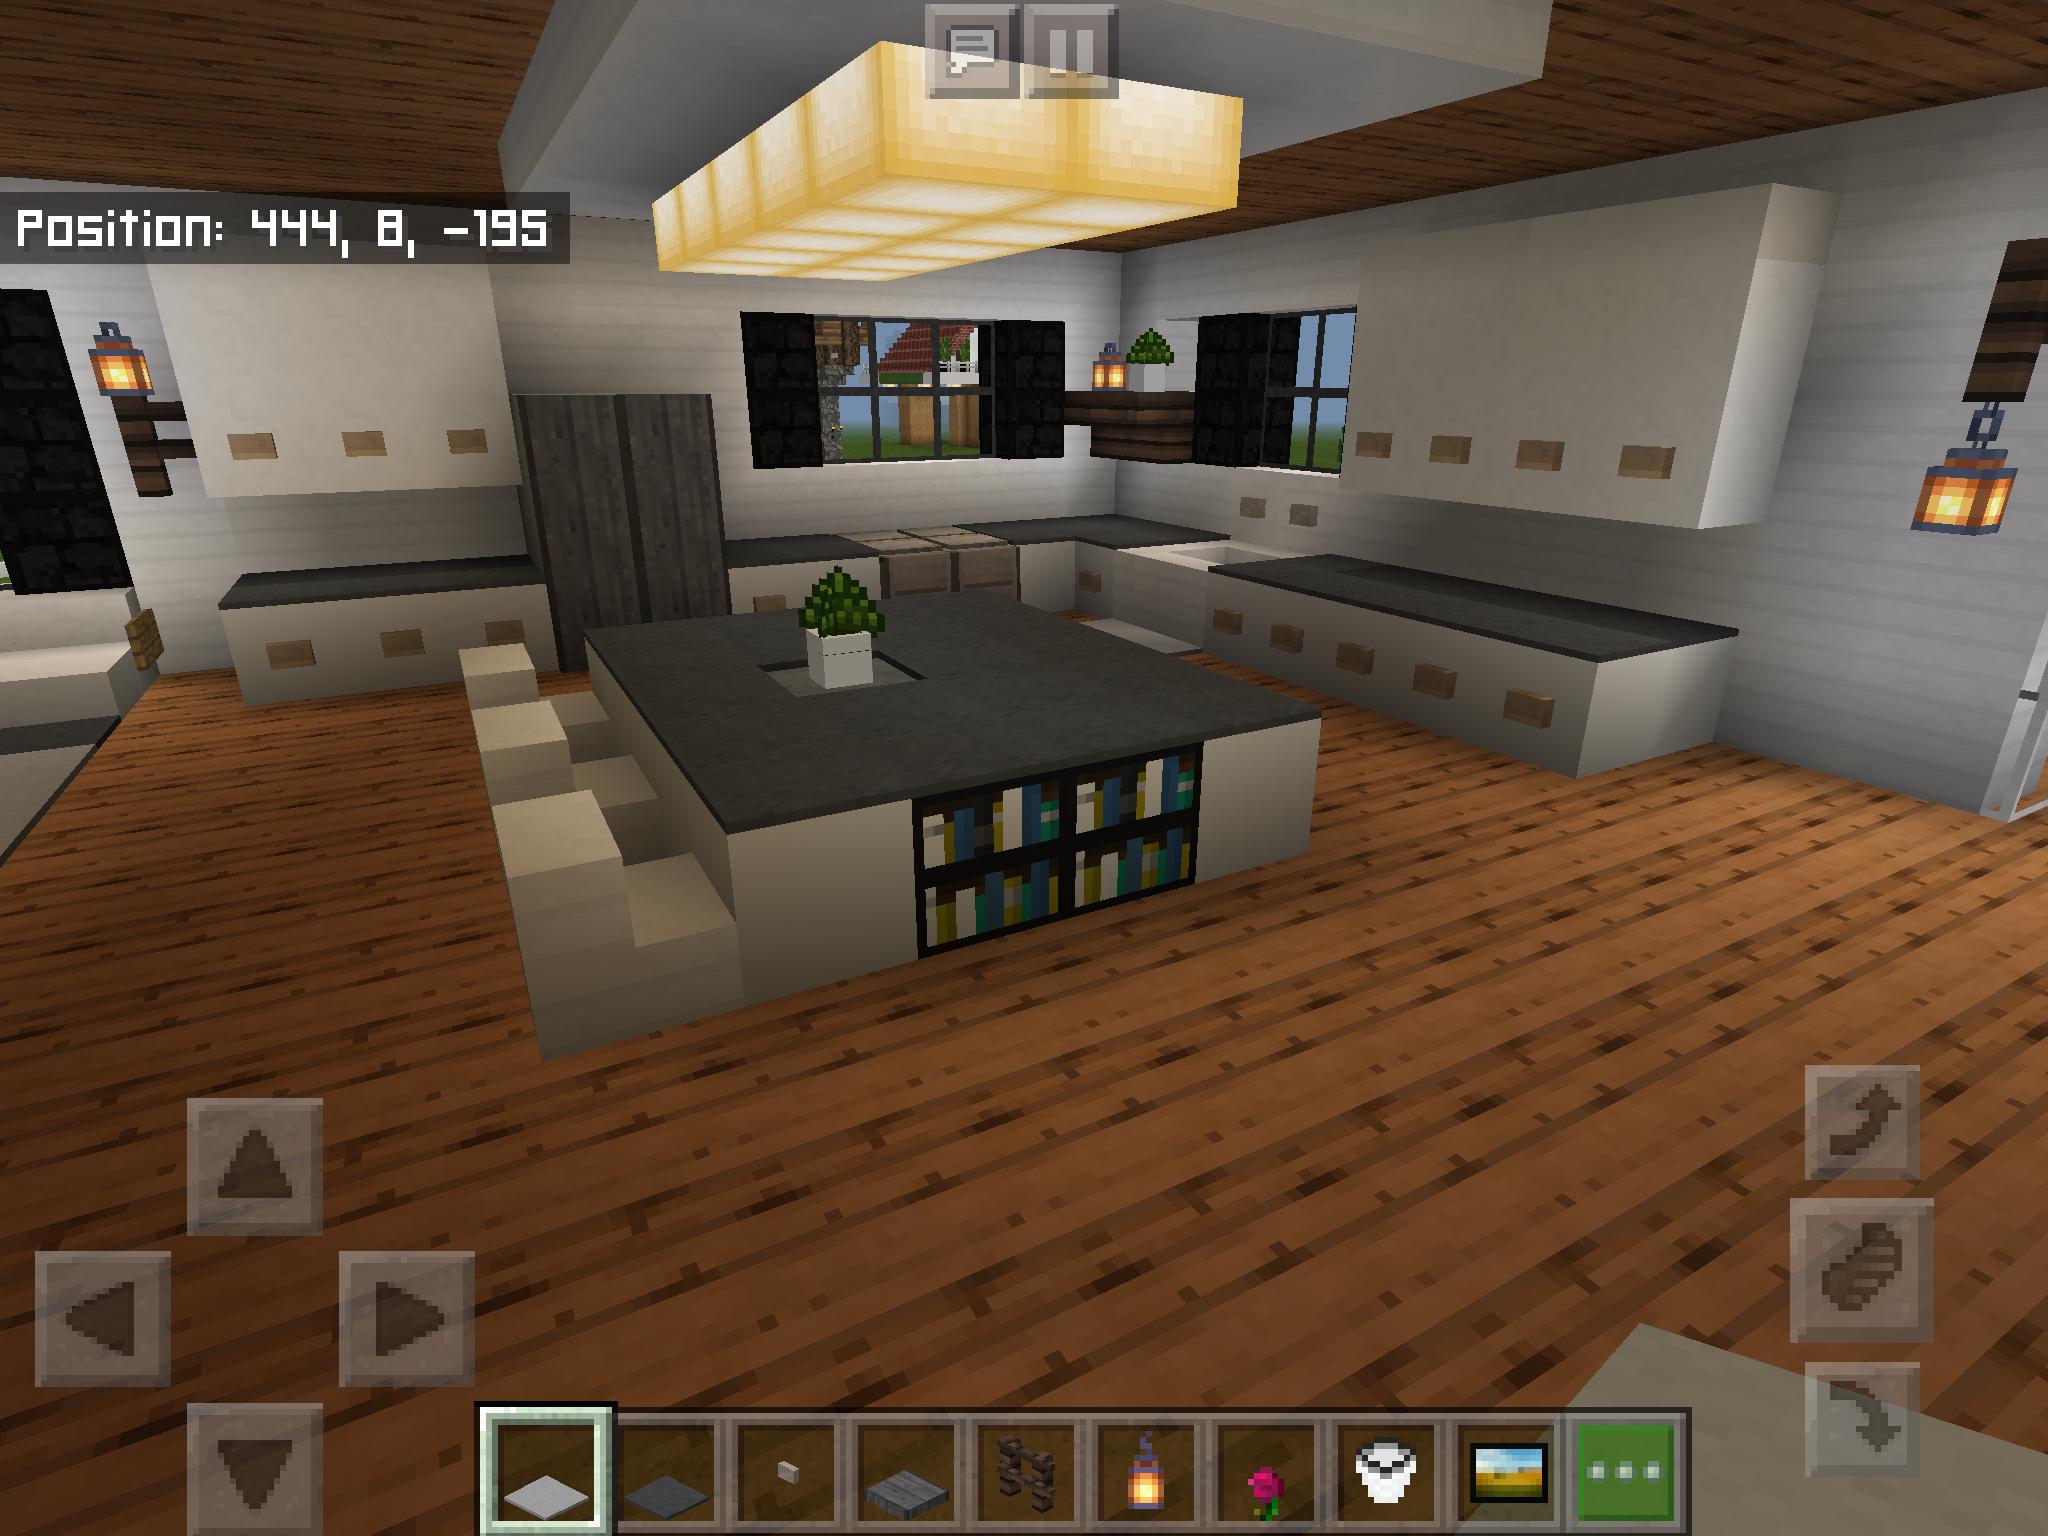 Neat little kitchen design. : Minecraft #minecraftbuildingideas ...